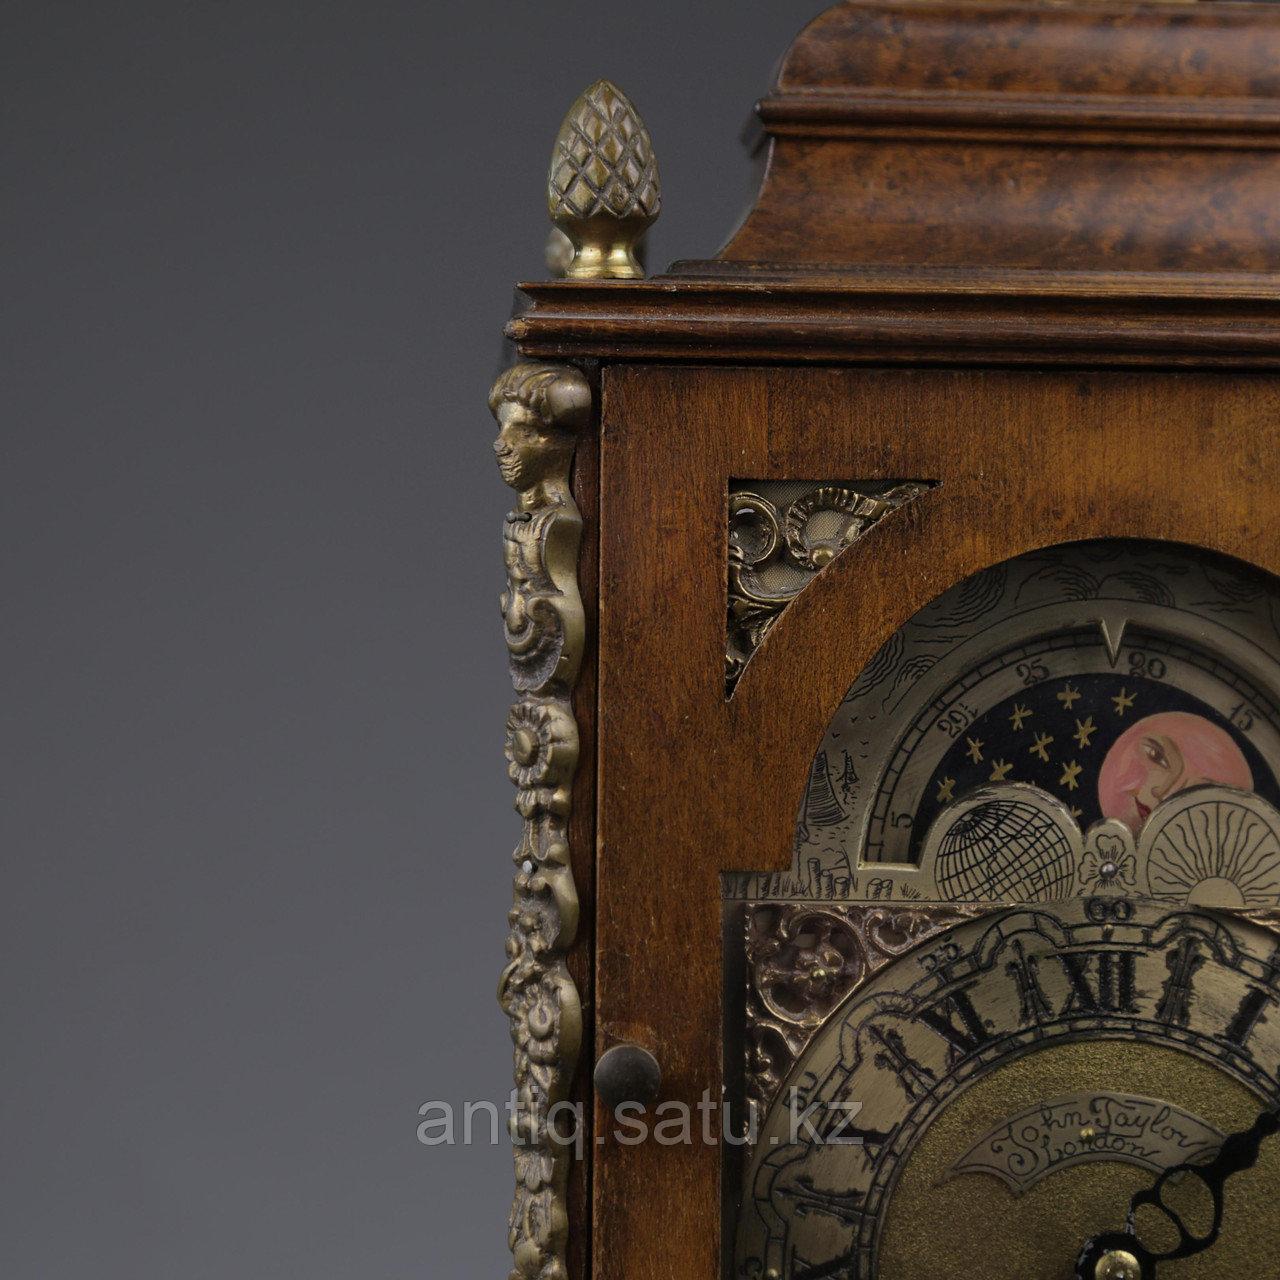 Настольные часы. Англия, Лондон. Середина ХХ века. - фото 3